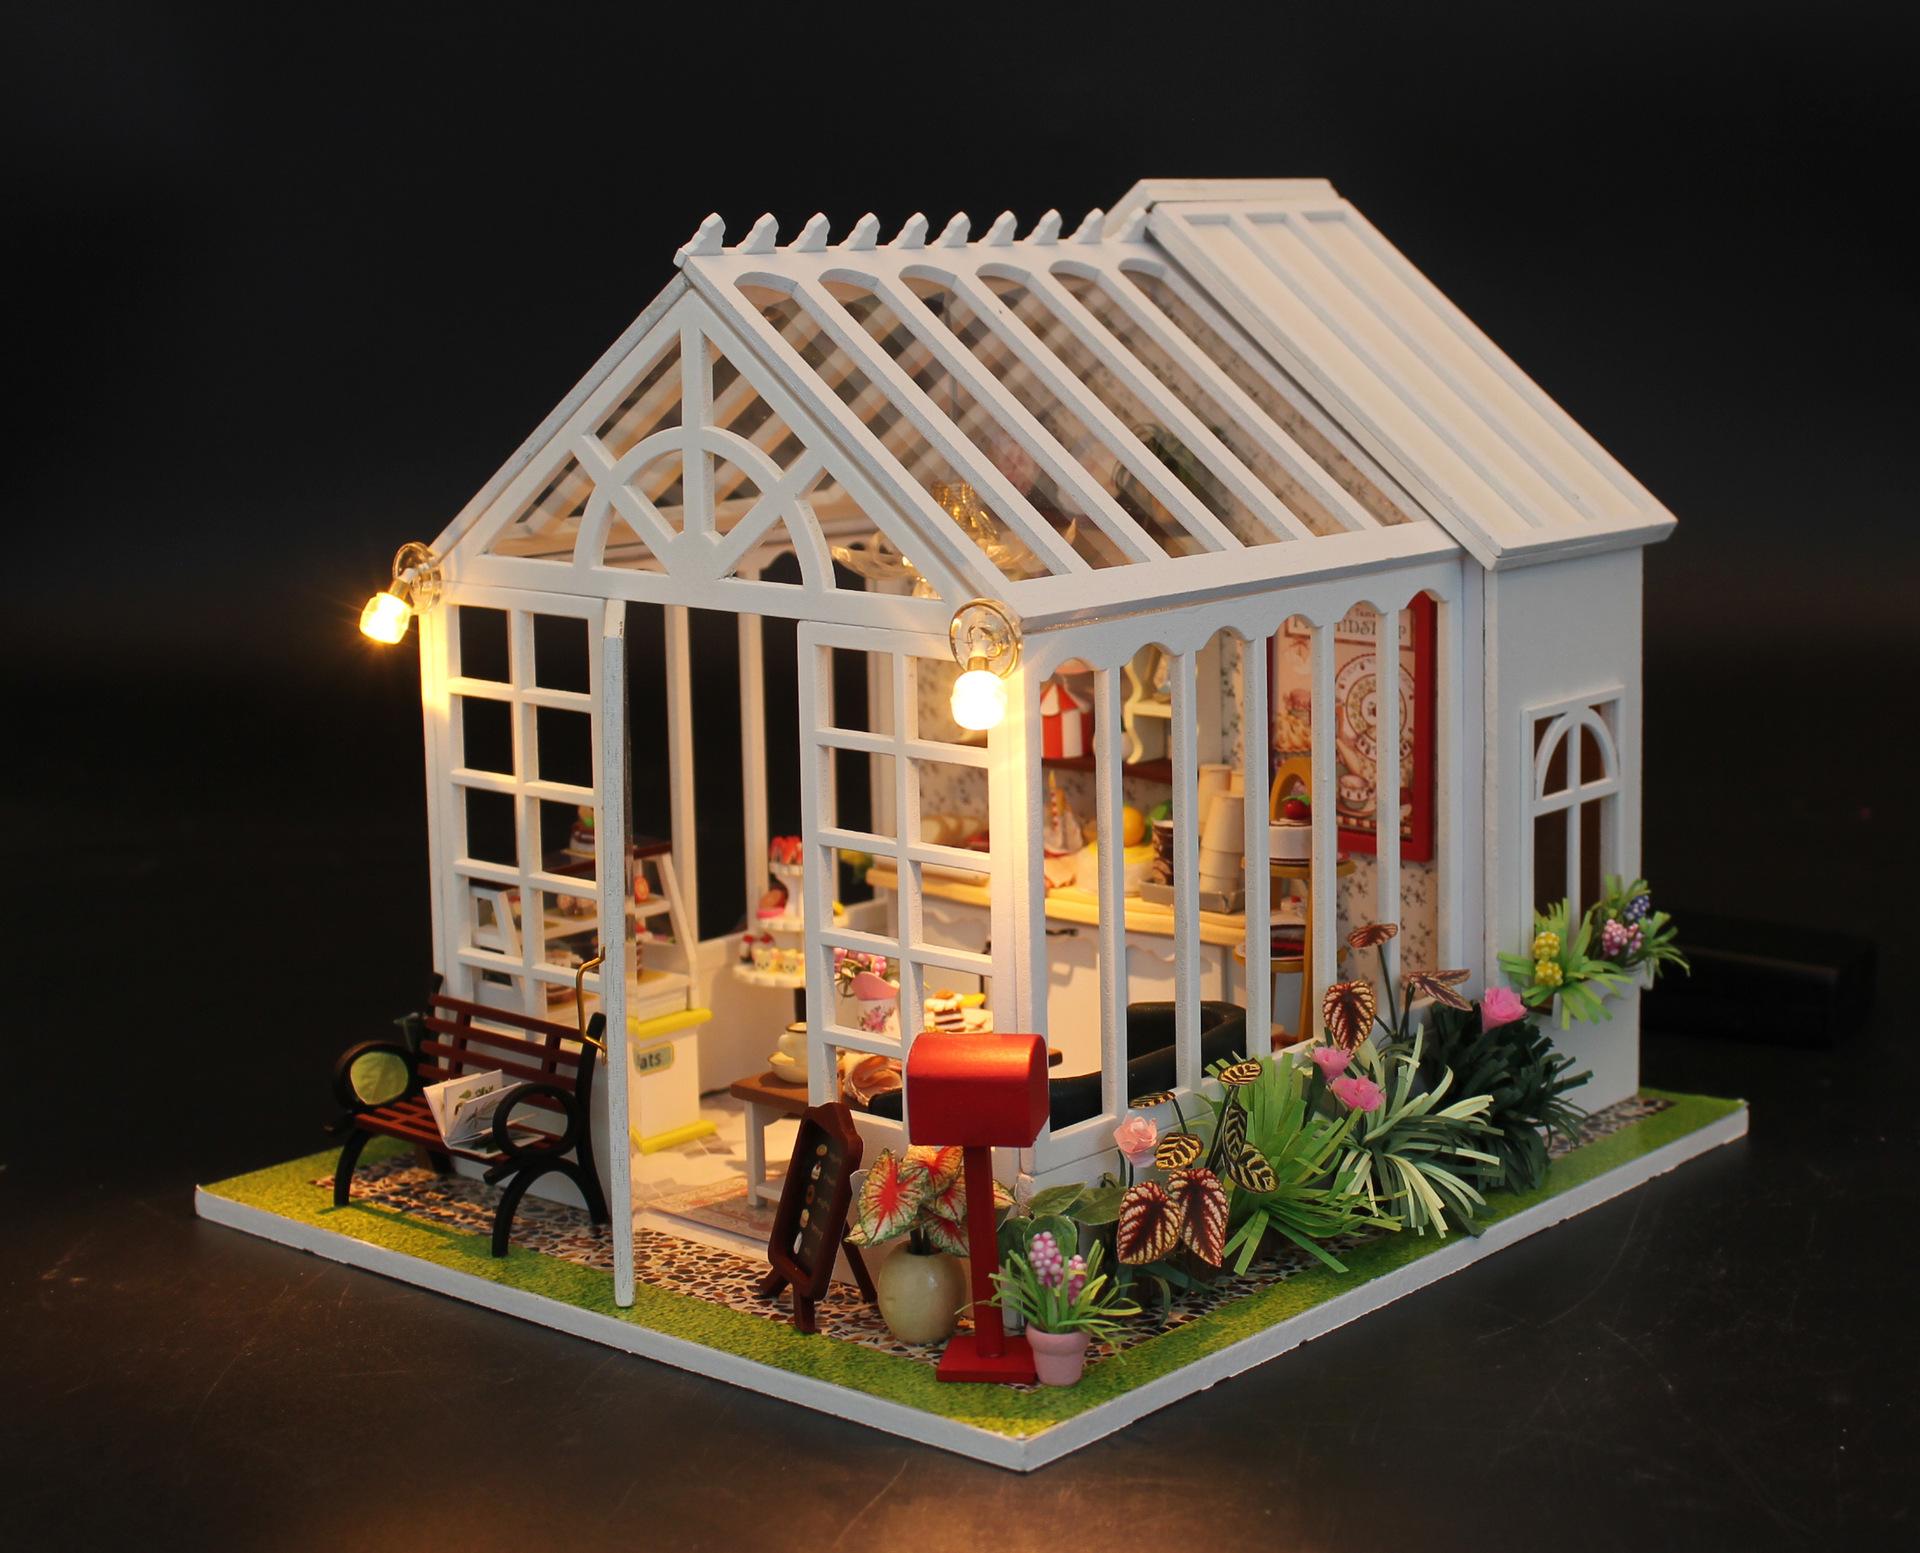 弘达幸福的滋味DIY小屋 大型手工拼装别墅模型 创意情人生日礼品